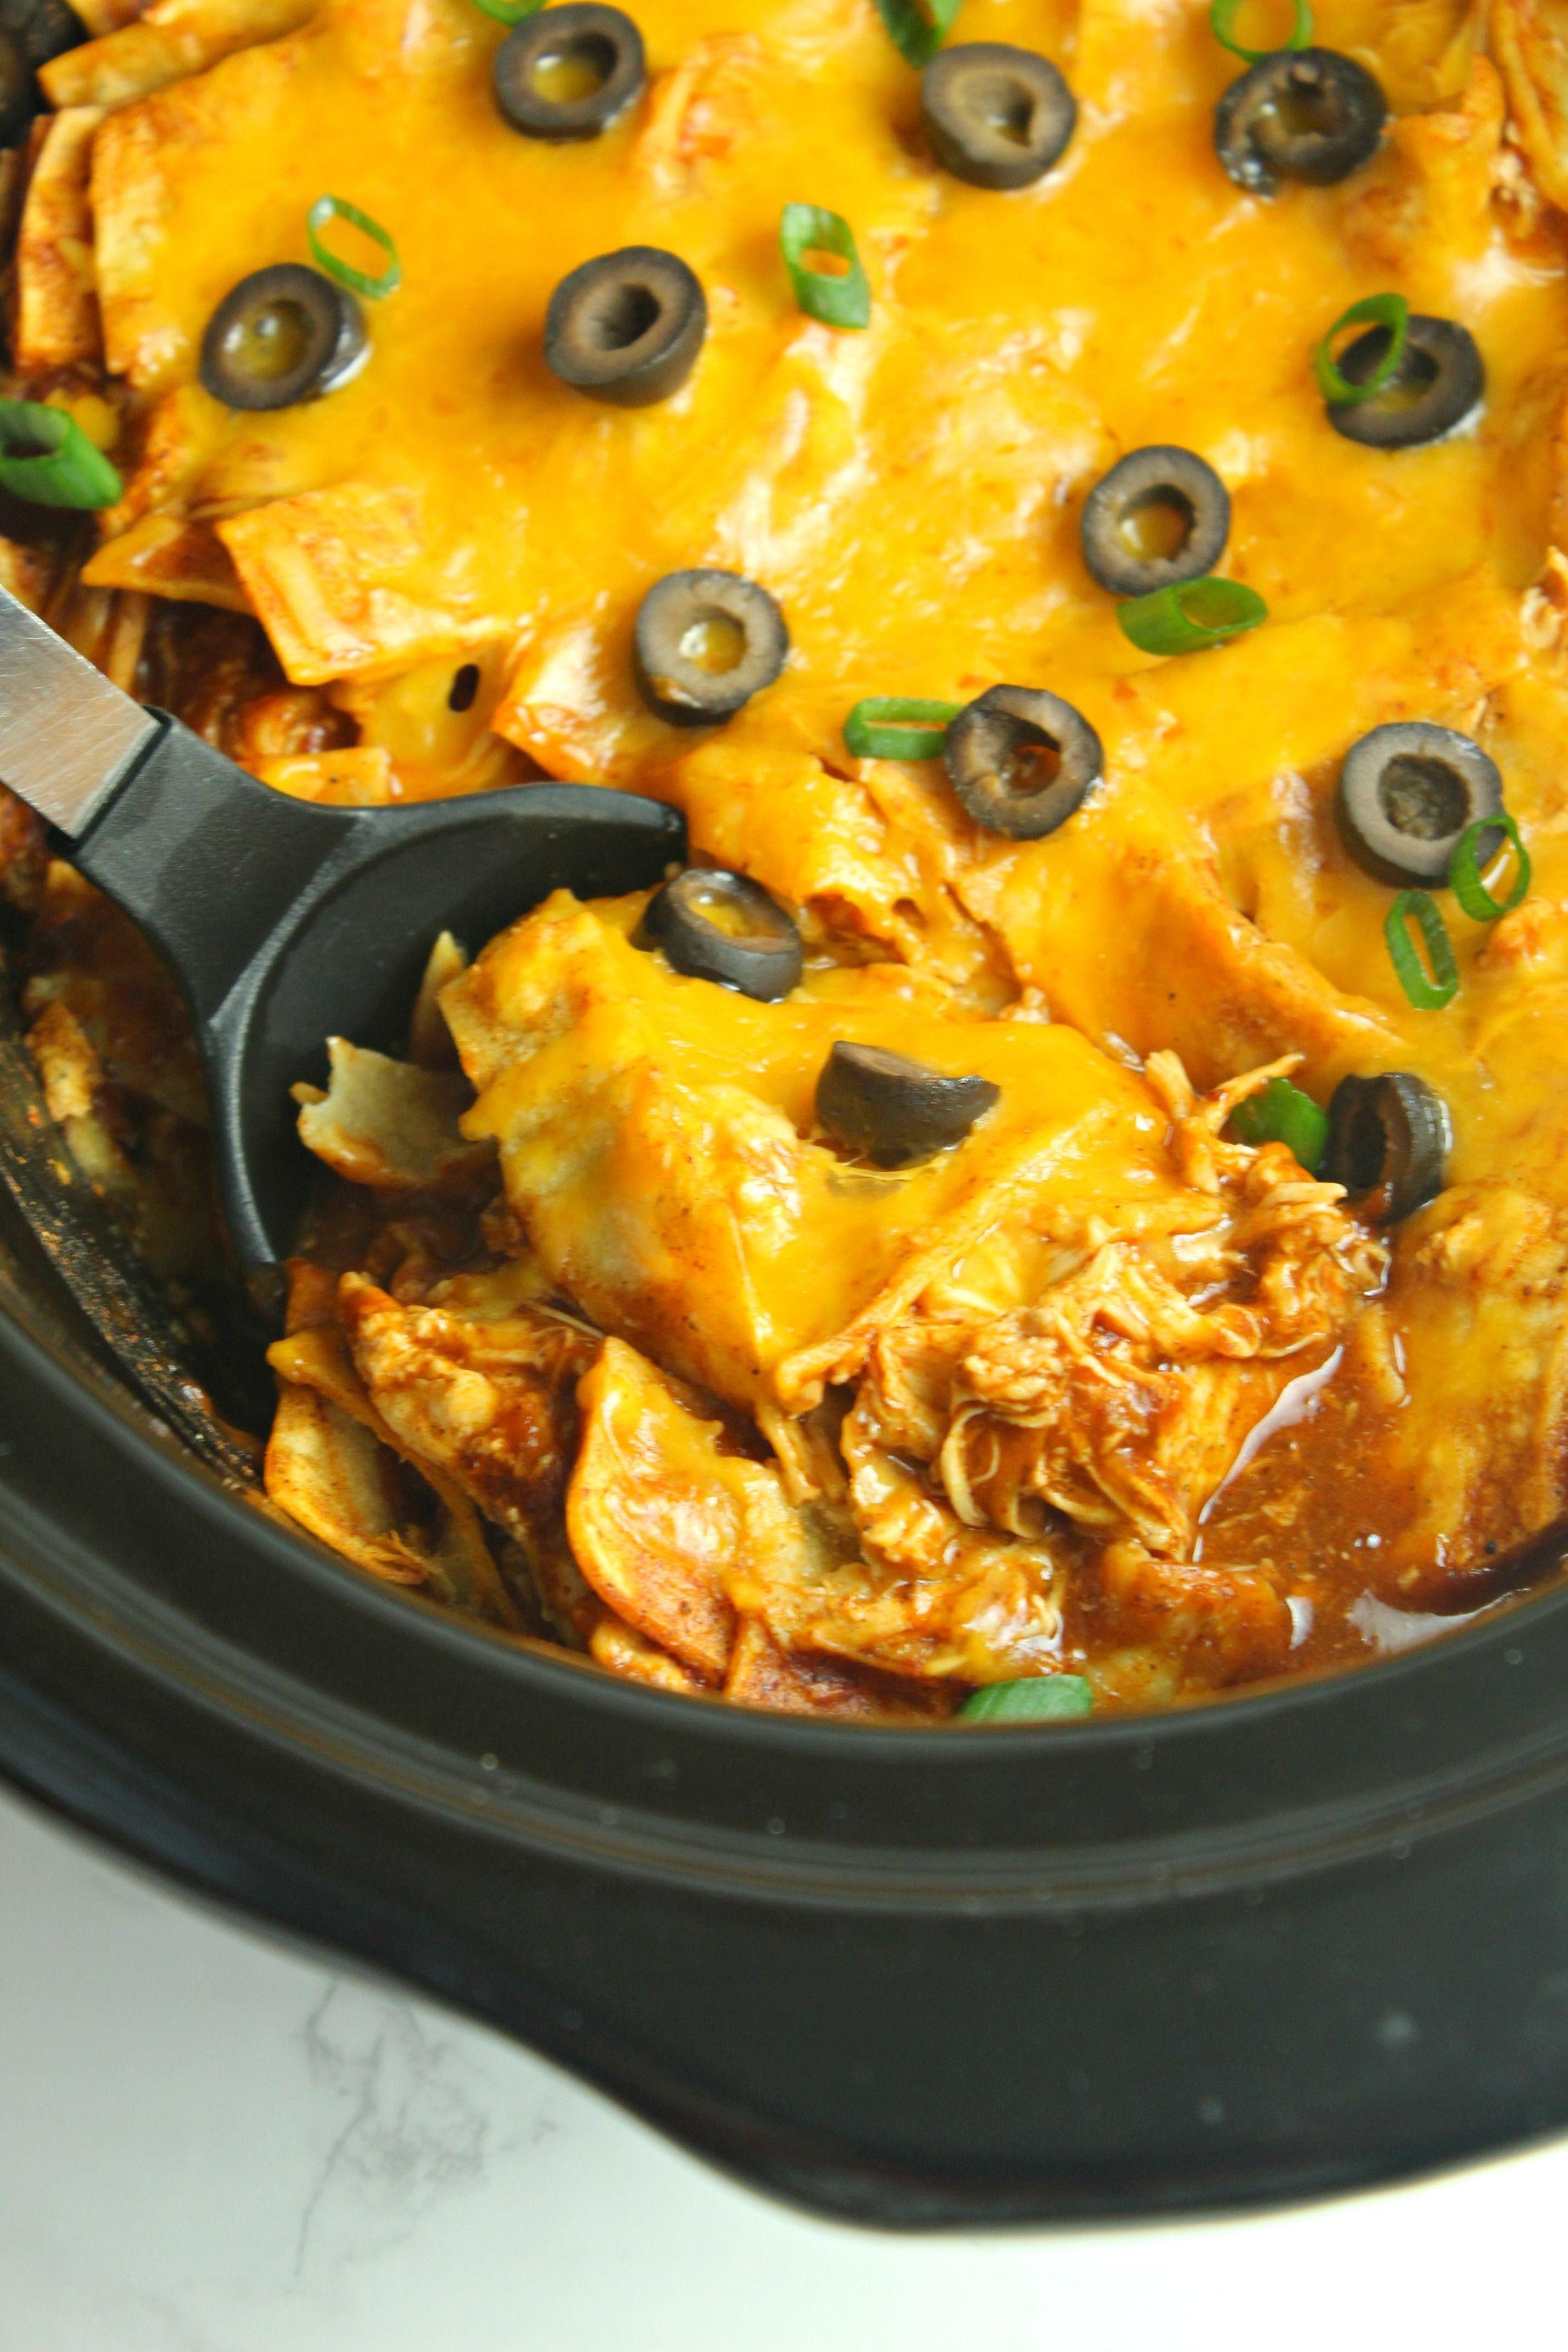 Slow Cooker Chicken Enchilada Casserole Recipe Slow Cooker Mexican Recipes Enchilada Casserole Slow Cooker Chicken